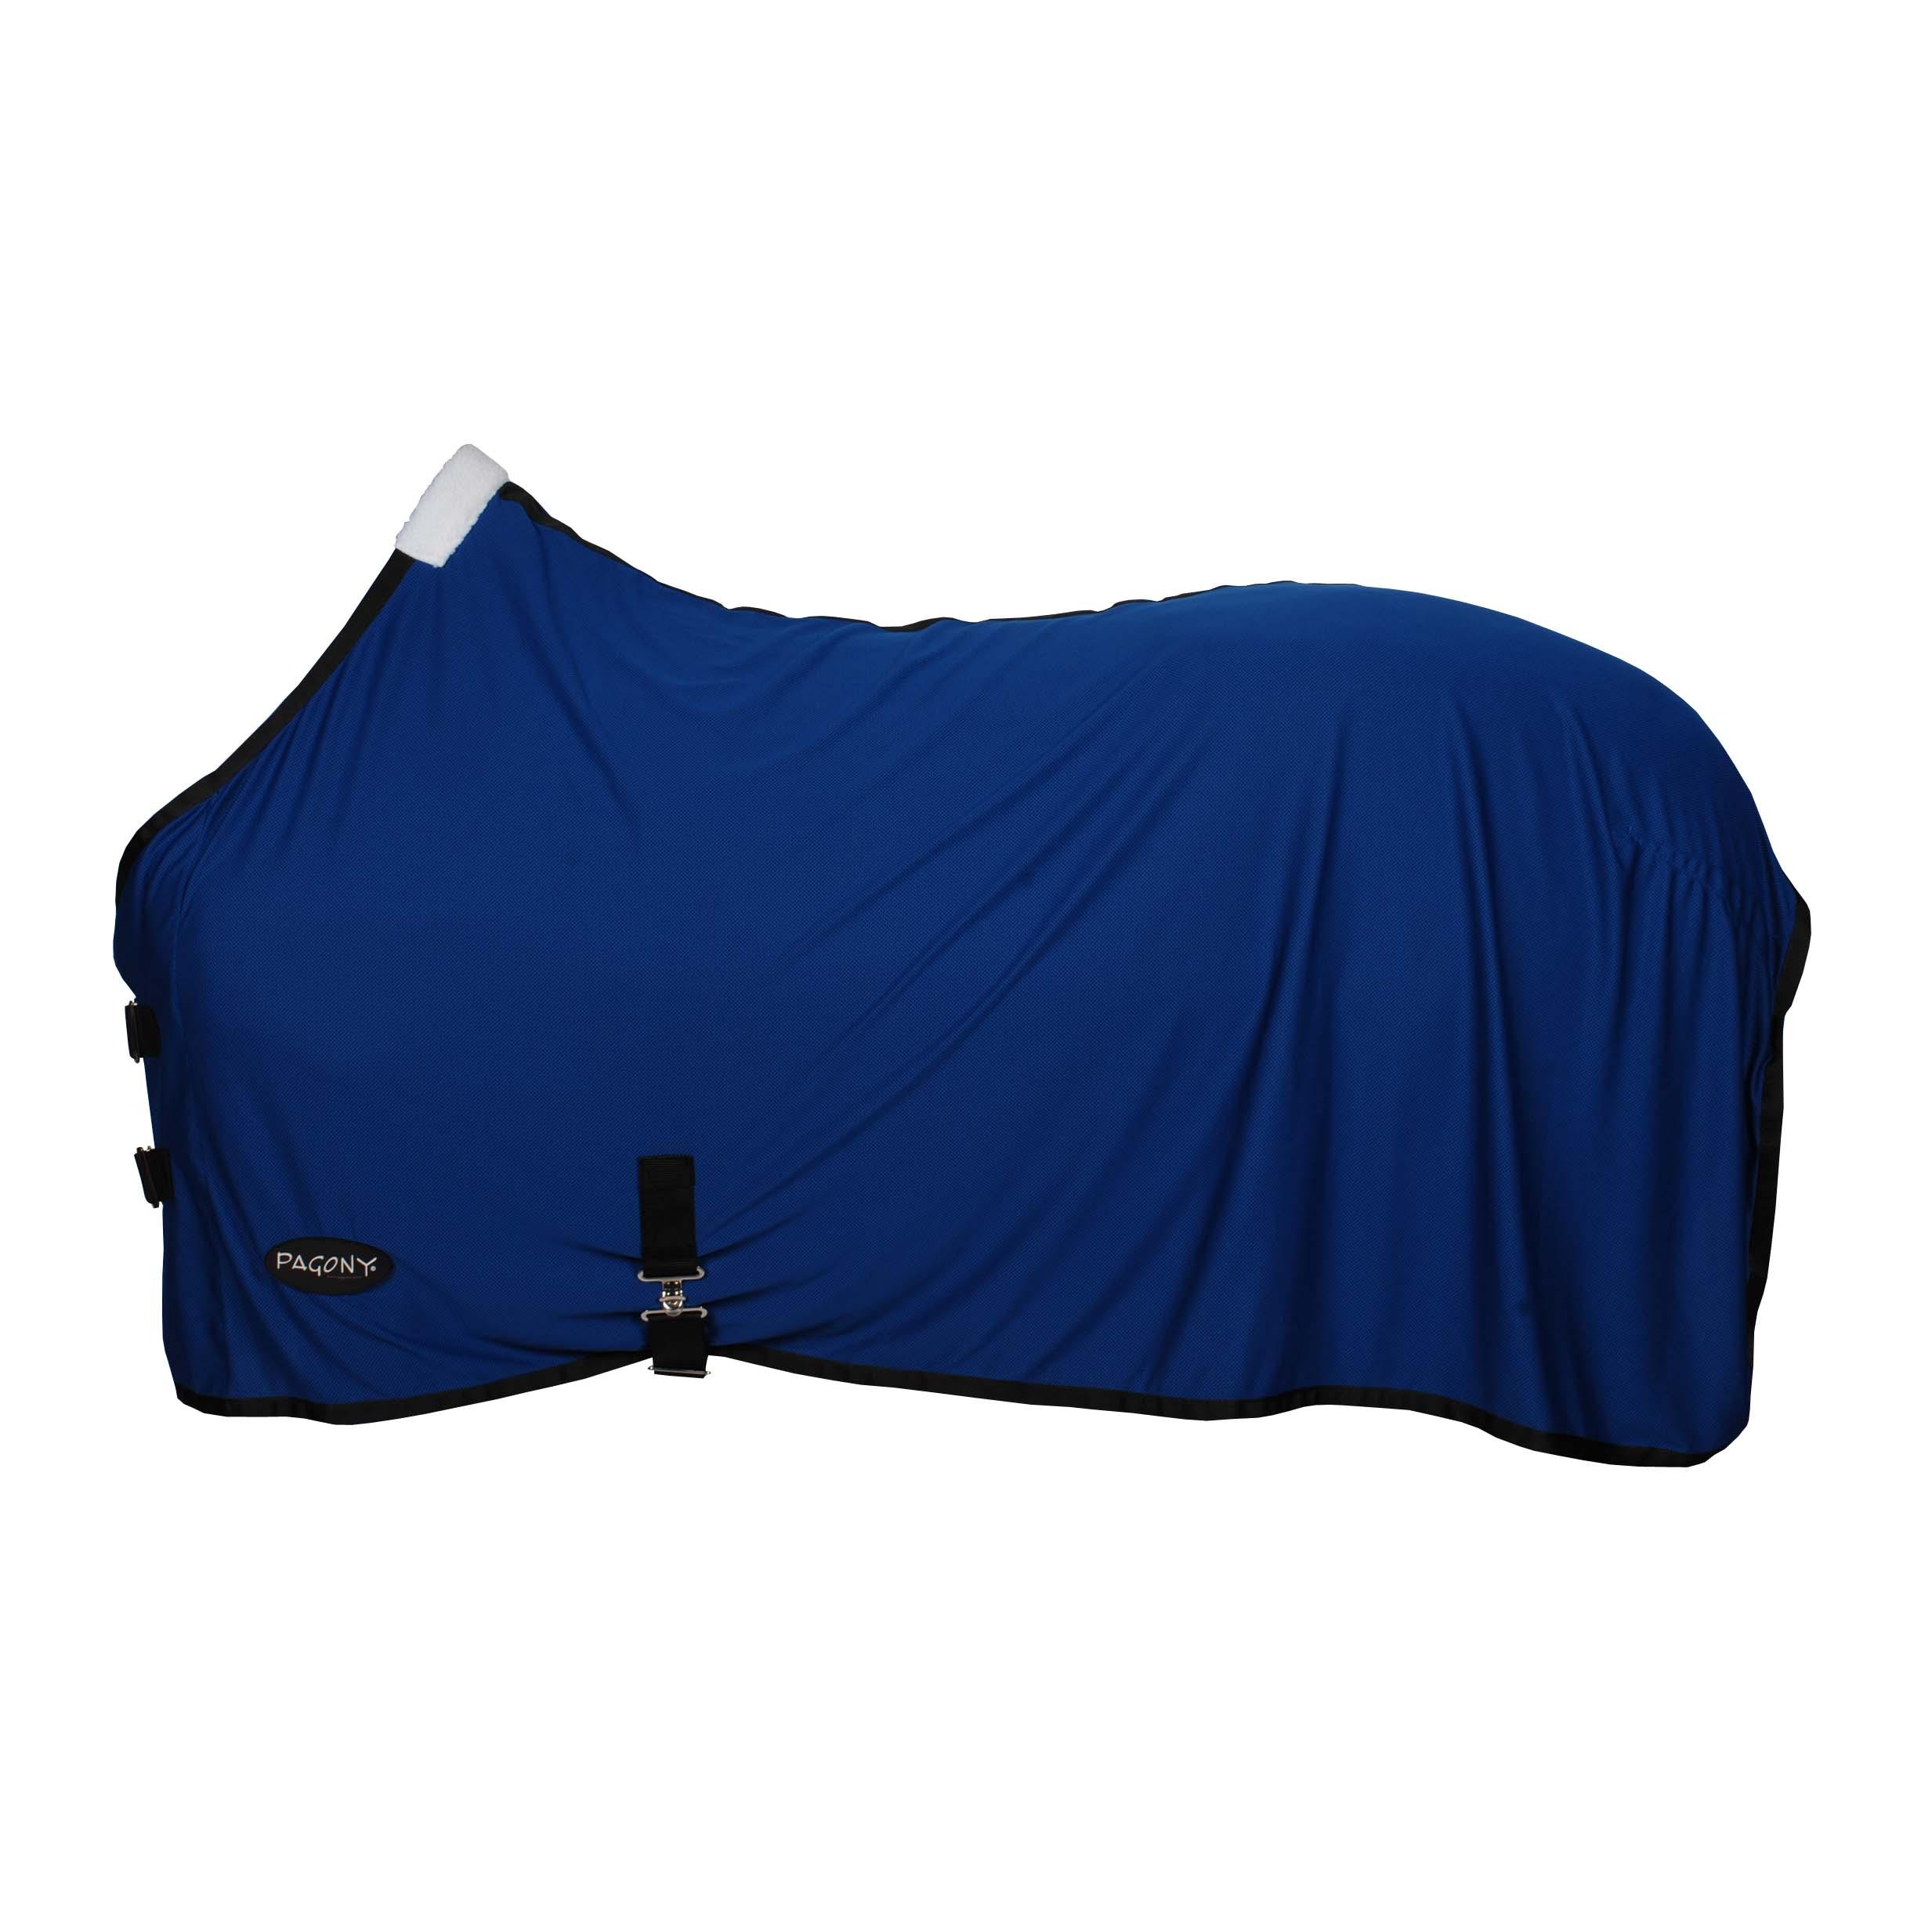 Pagony Cooler deken kobalt maat:195